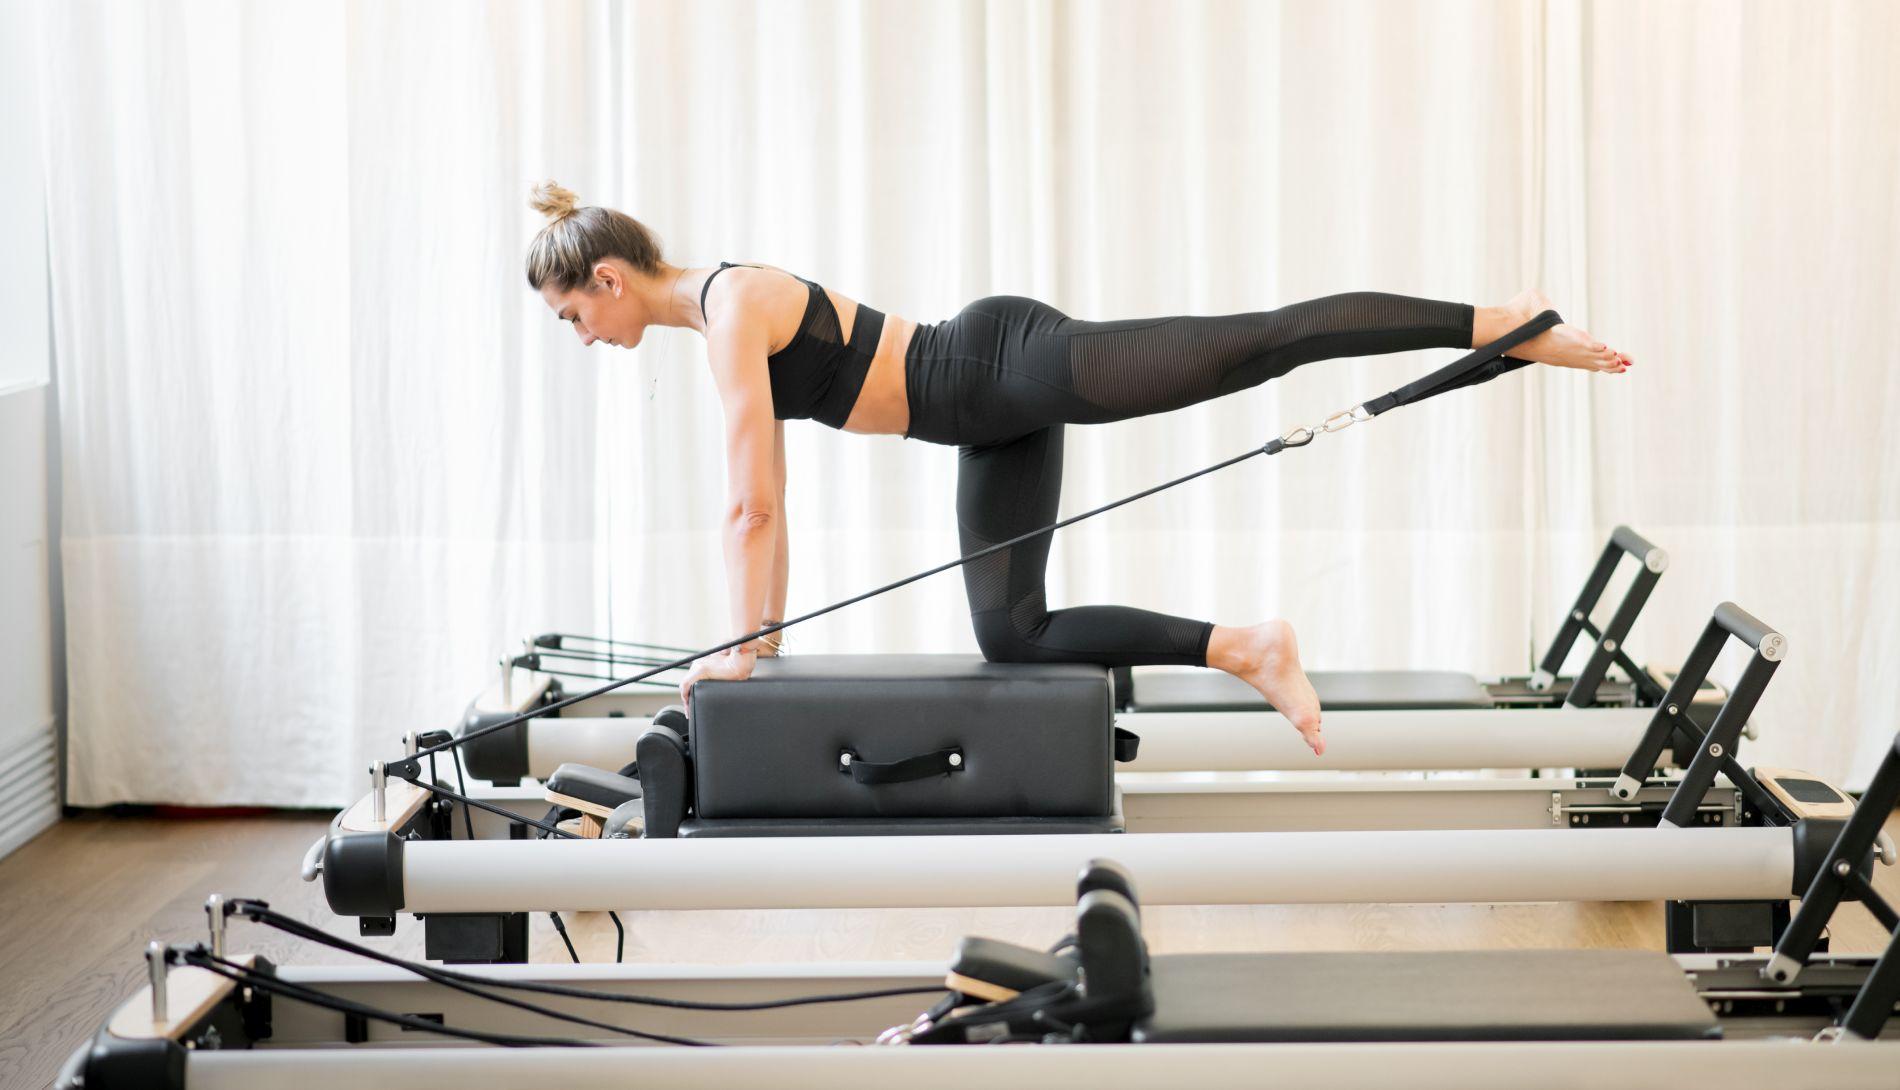 pilates reformer, vježba, vježbanje, pilates, reformer